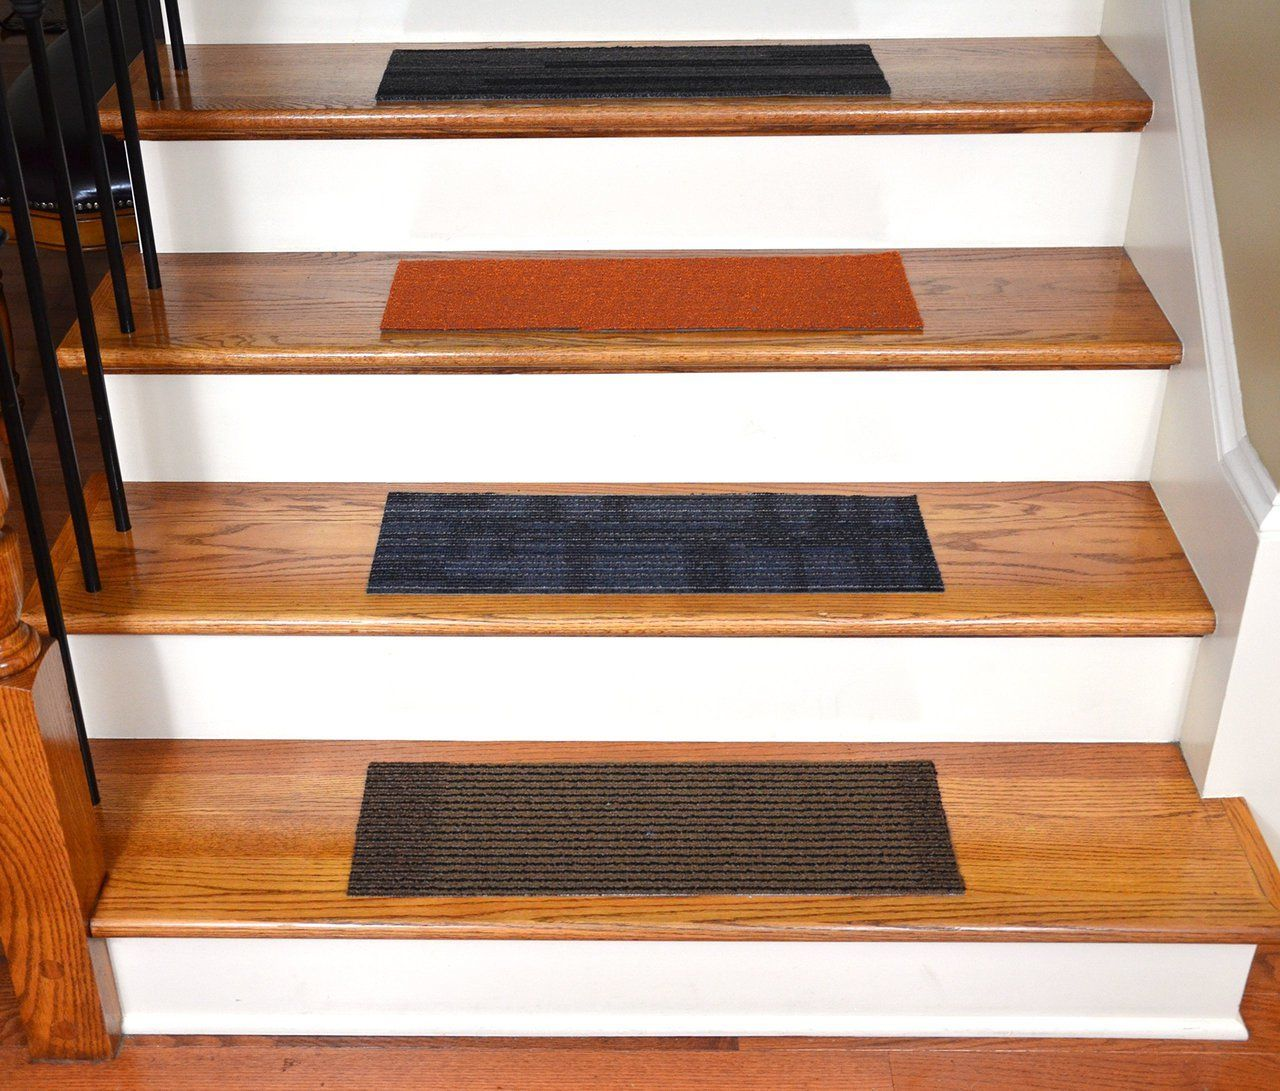 Best Dean Stair Treads Dean Affordable Diy Non Skid Carpet 640 x 480